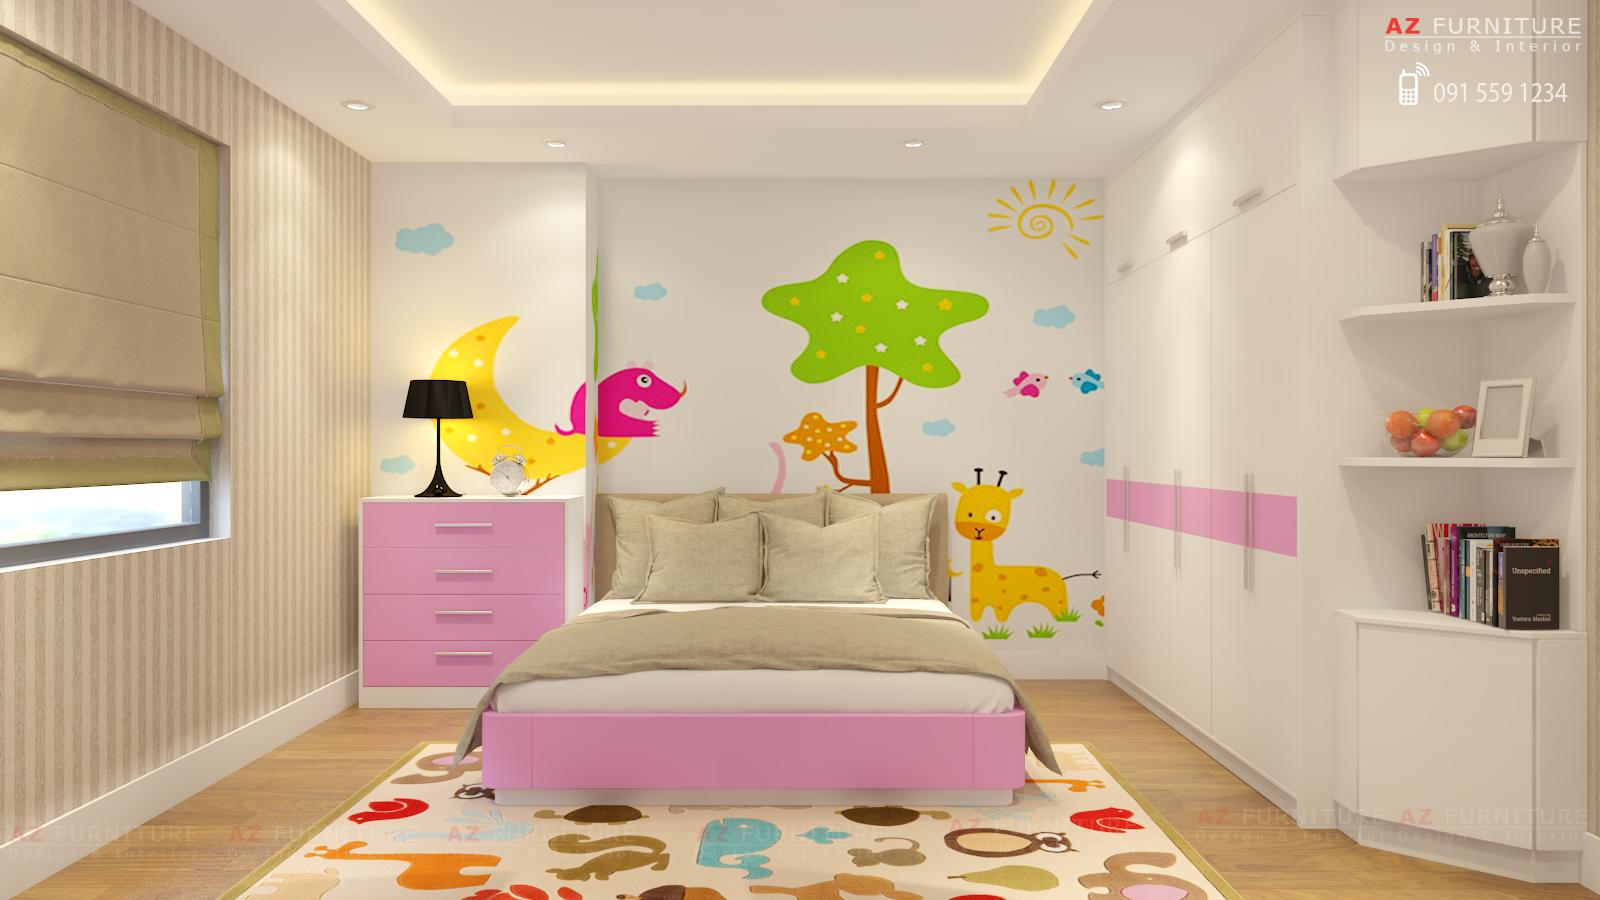 Tư vấn, thiết kế nội thất chung cư - Hottline: 091 559 1234